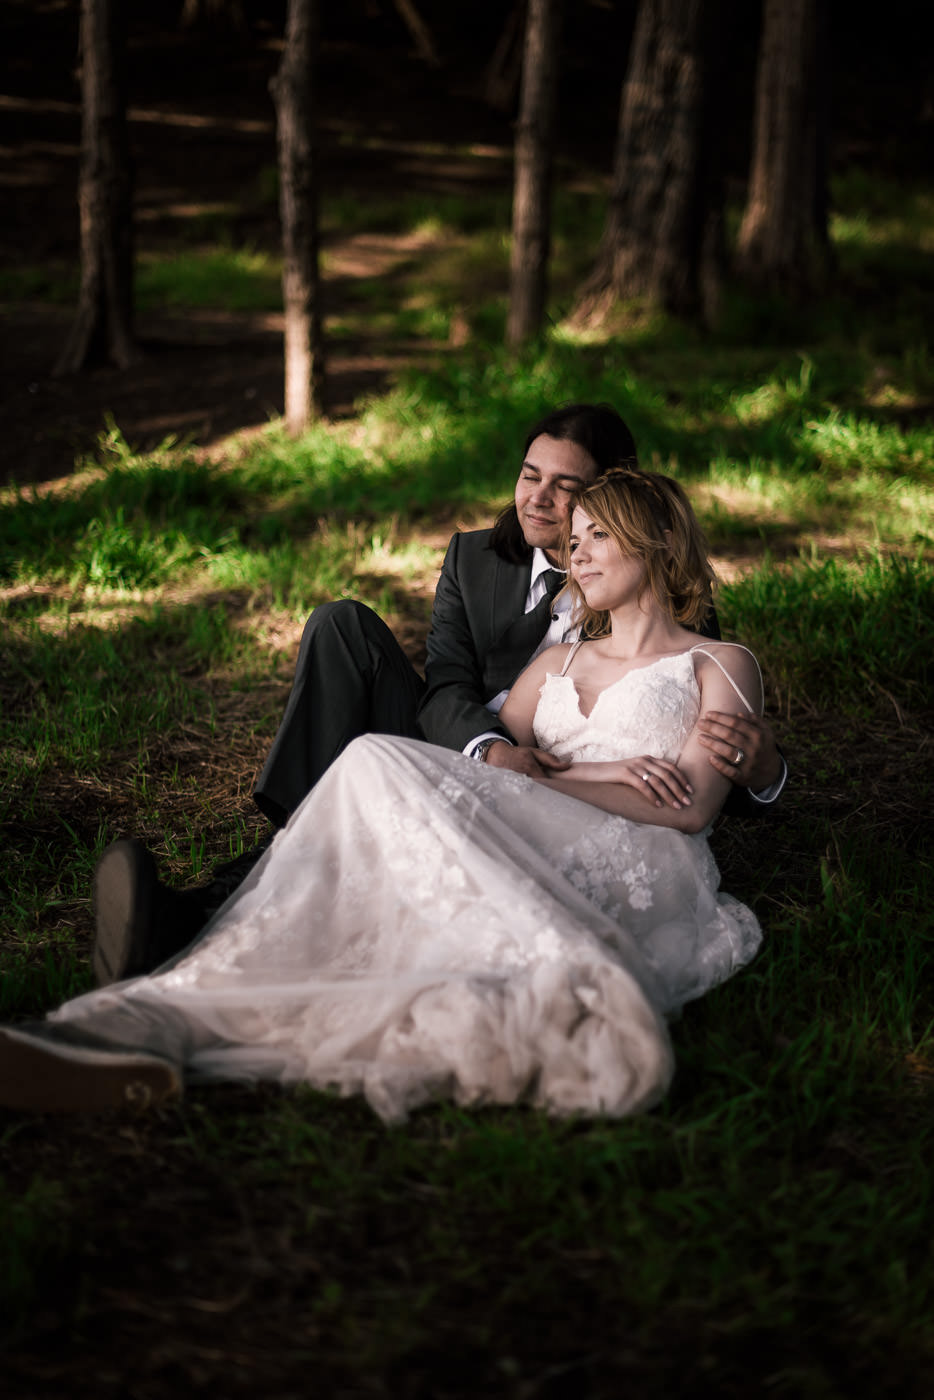 Best elopement photographer in California.